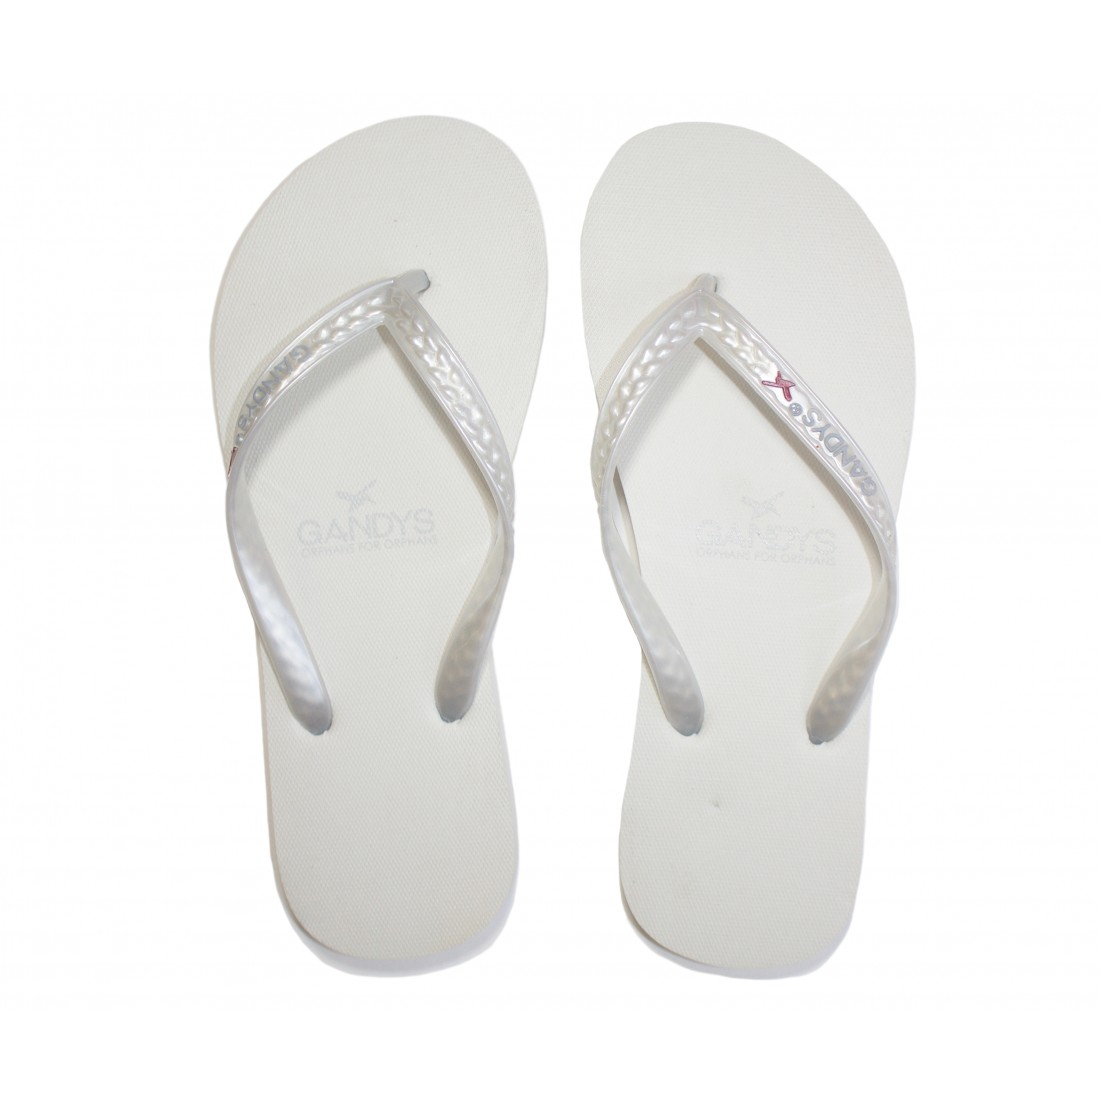 Gandys Flip Flops - White Metallic